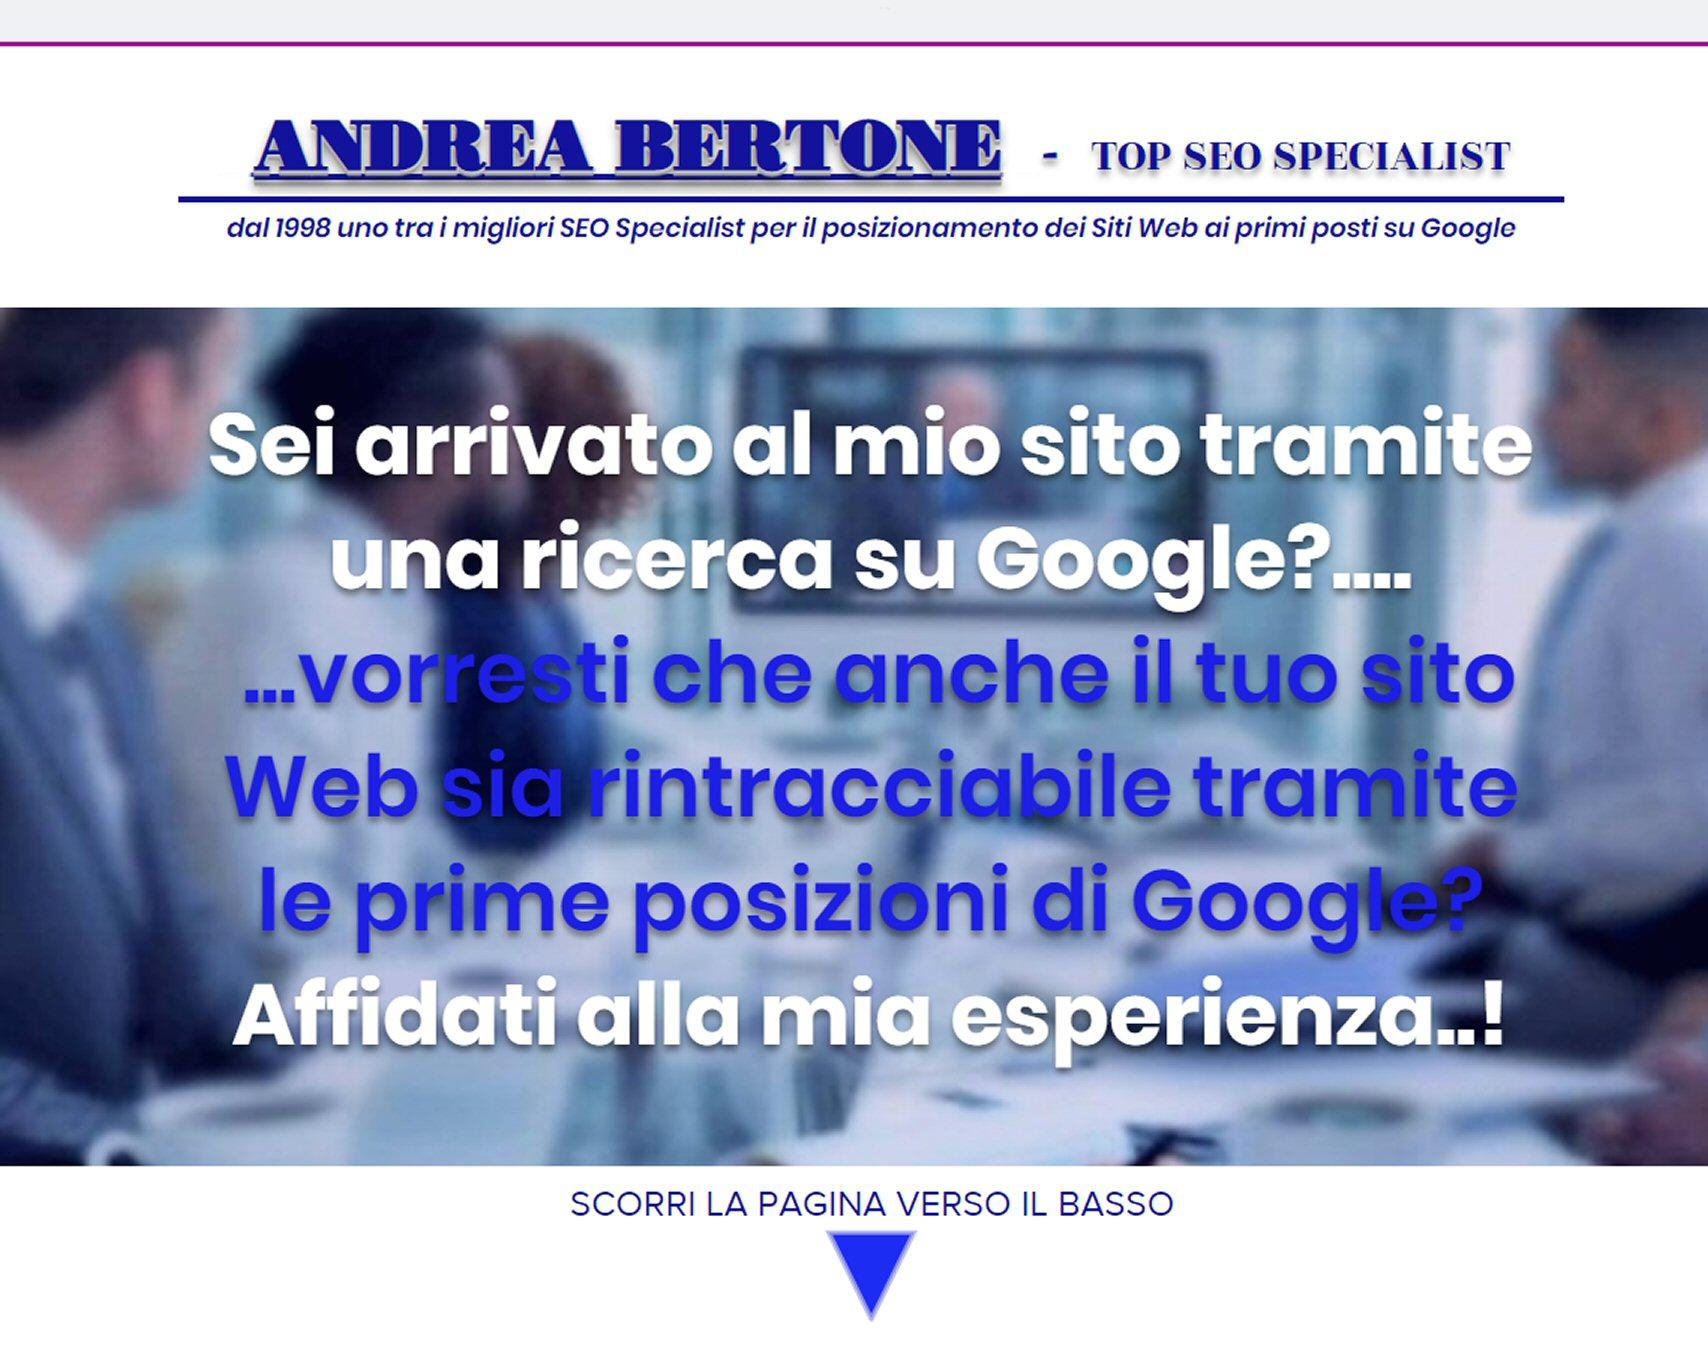 ANDREA BERTONE PRIMI SU GOOGLE ROMA